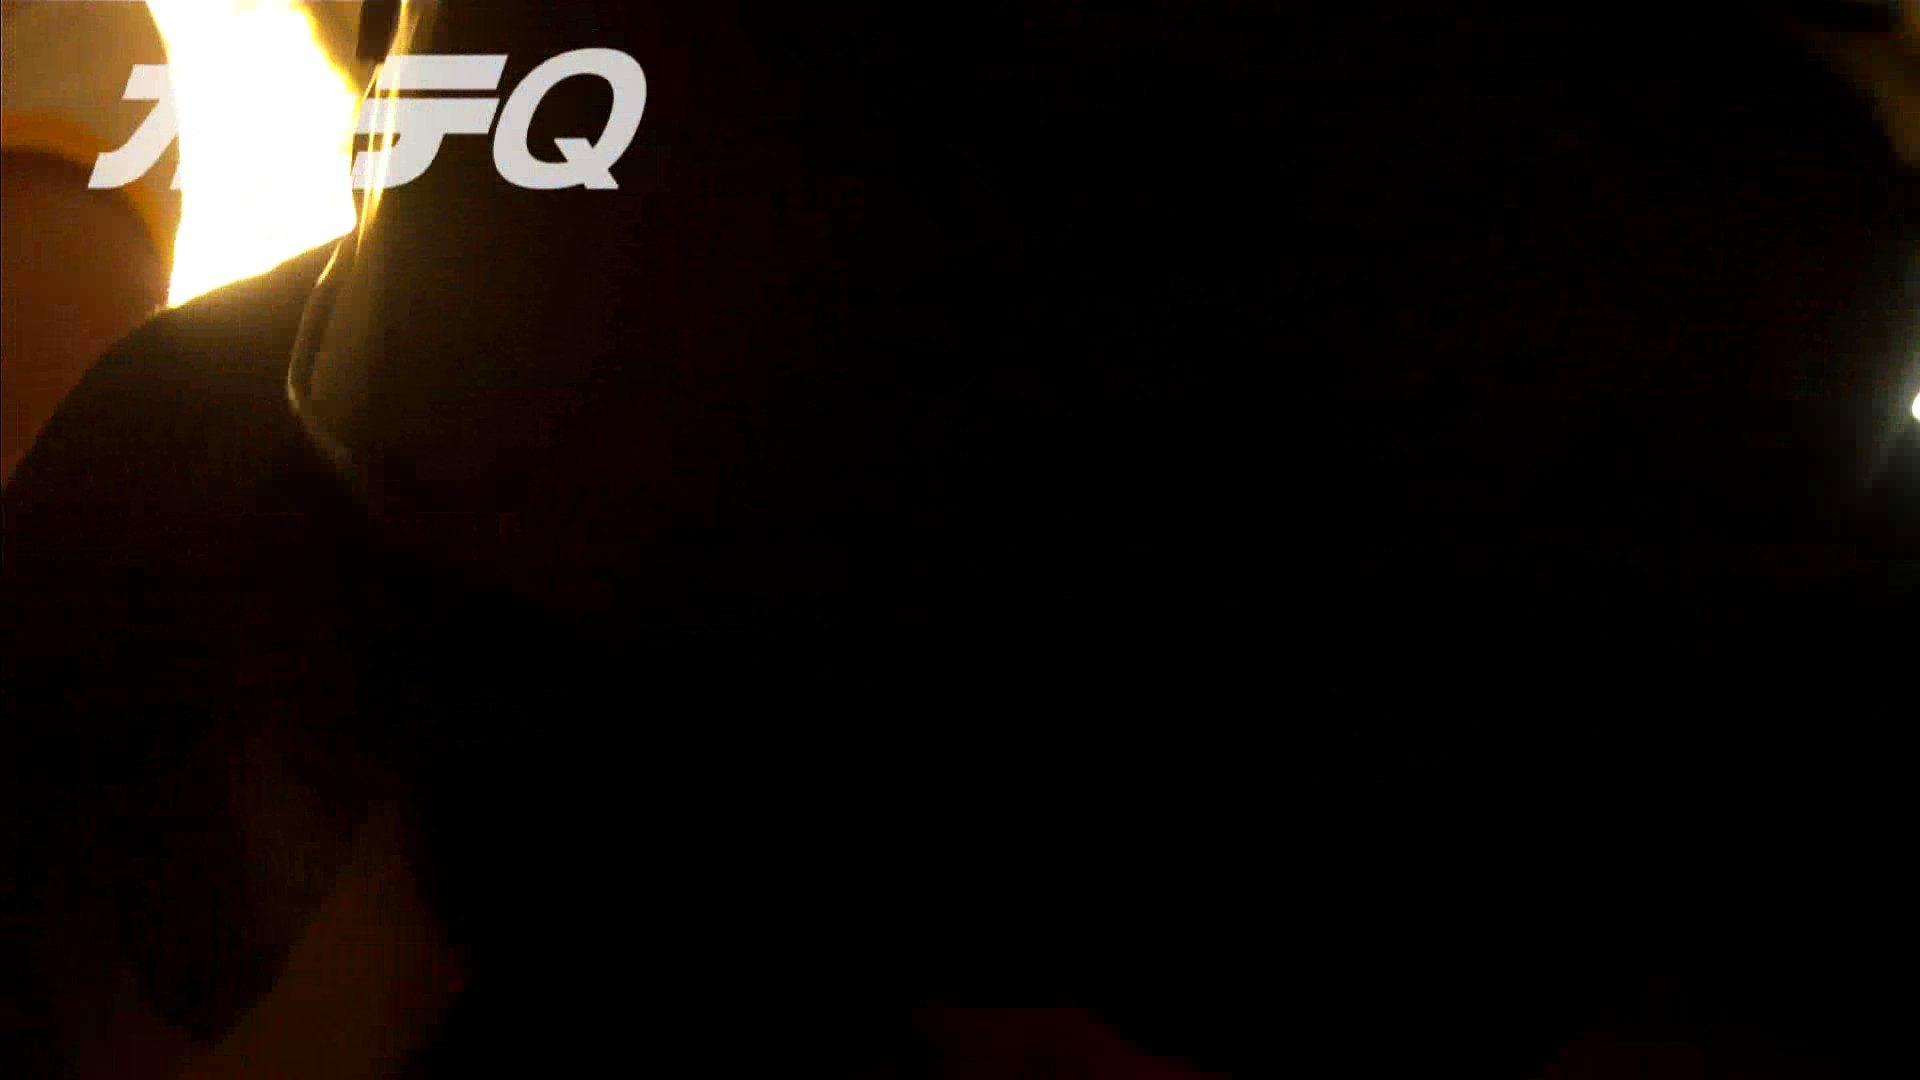 無修正エロ動画:ハイビジョンパンチラ オッテQさんの追跡パンチラデパート編VOL.04:大奥